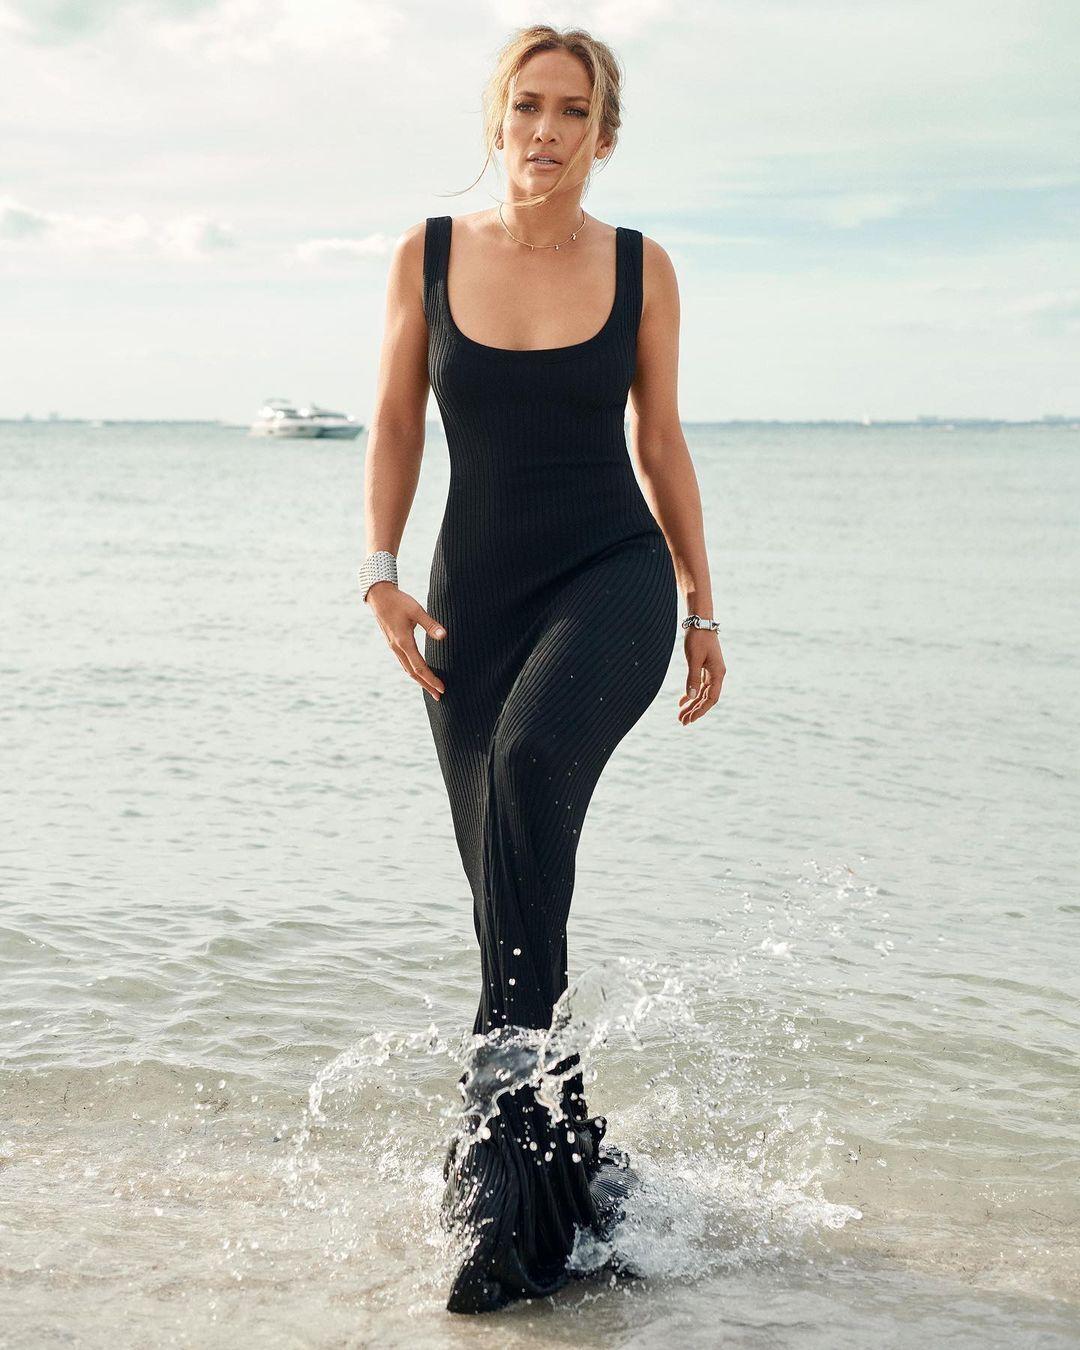 В новом выпуске журнала знаменитость также появится в черном облегающем платье